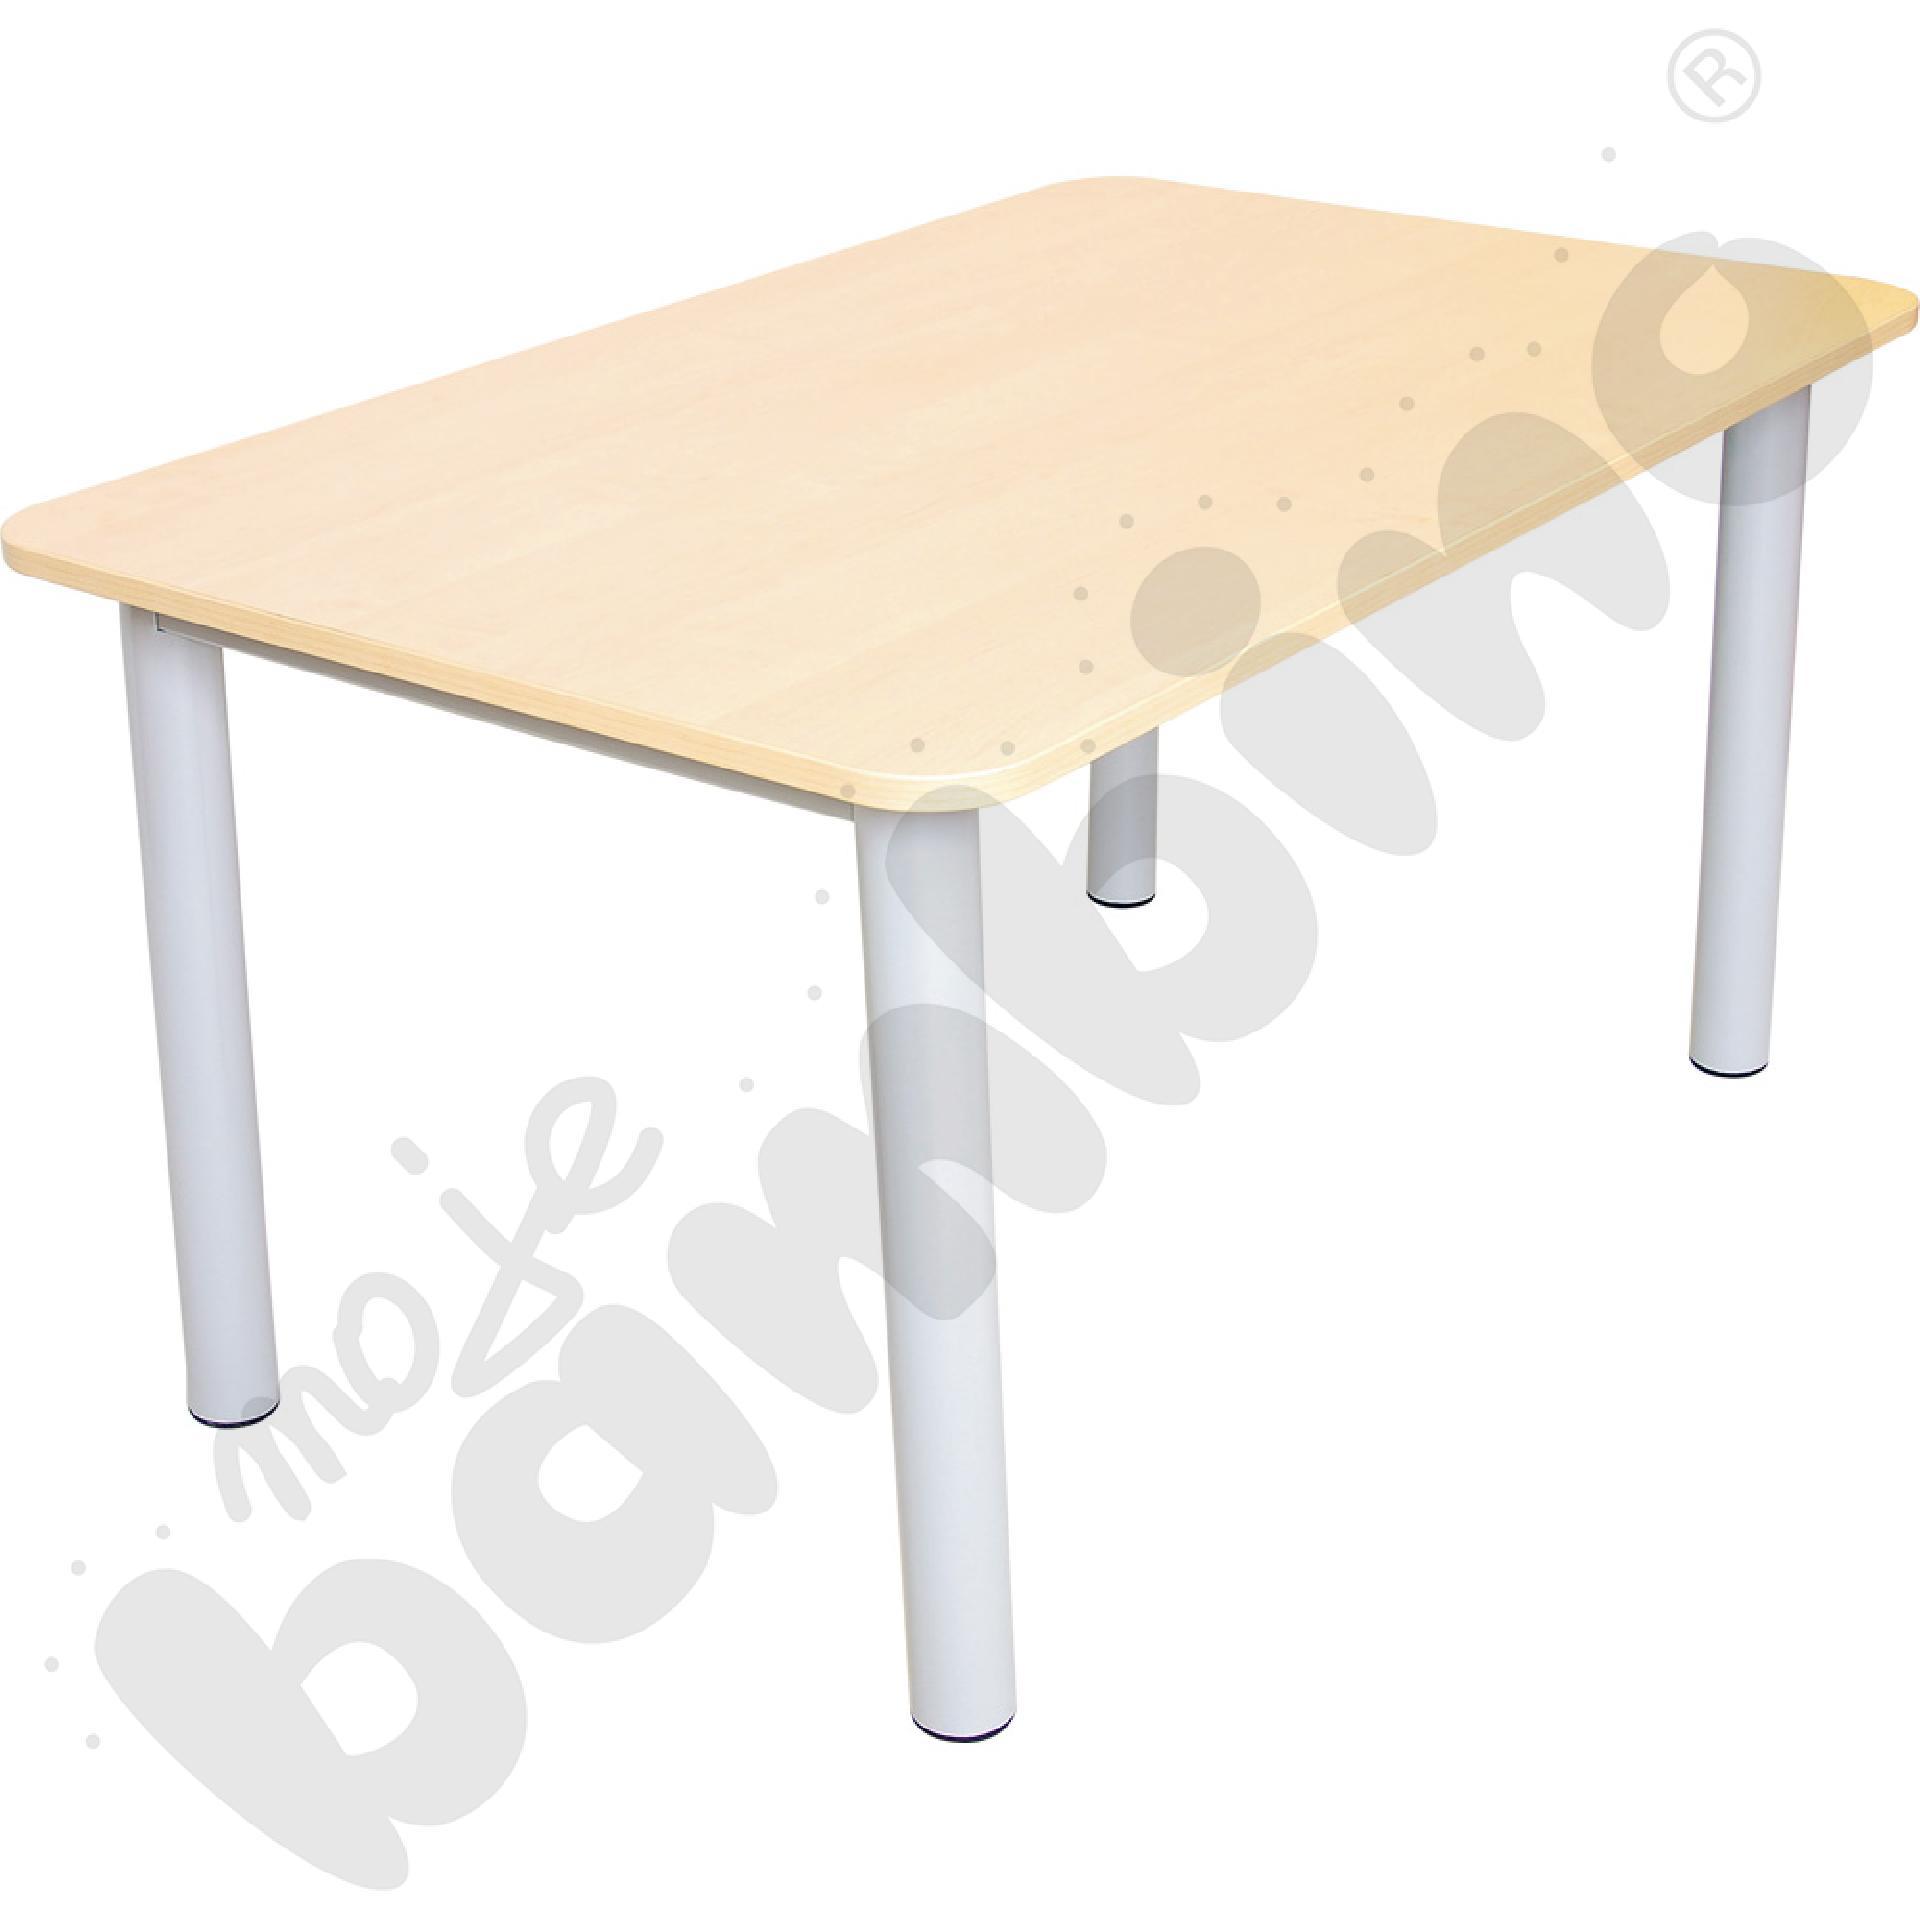 Blat do stołu Premium z brzozowym  obrzeżem